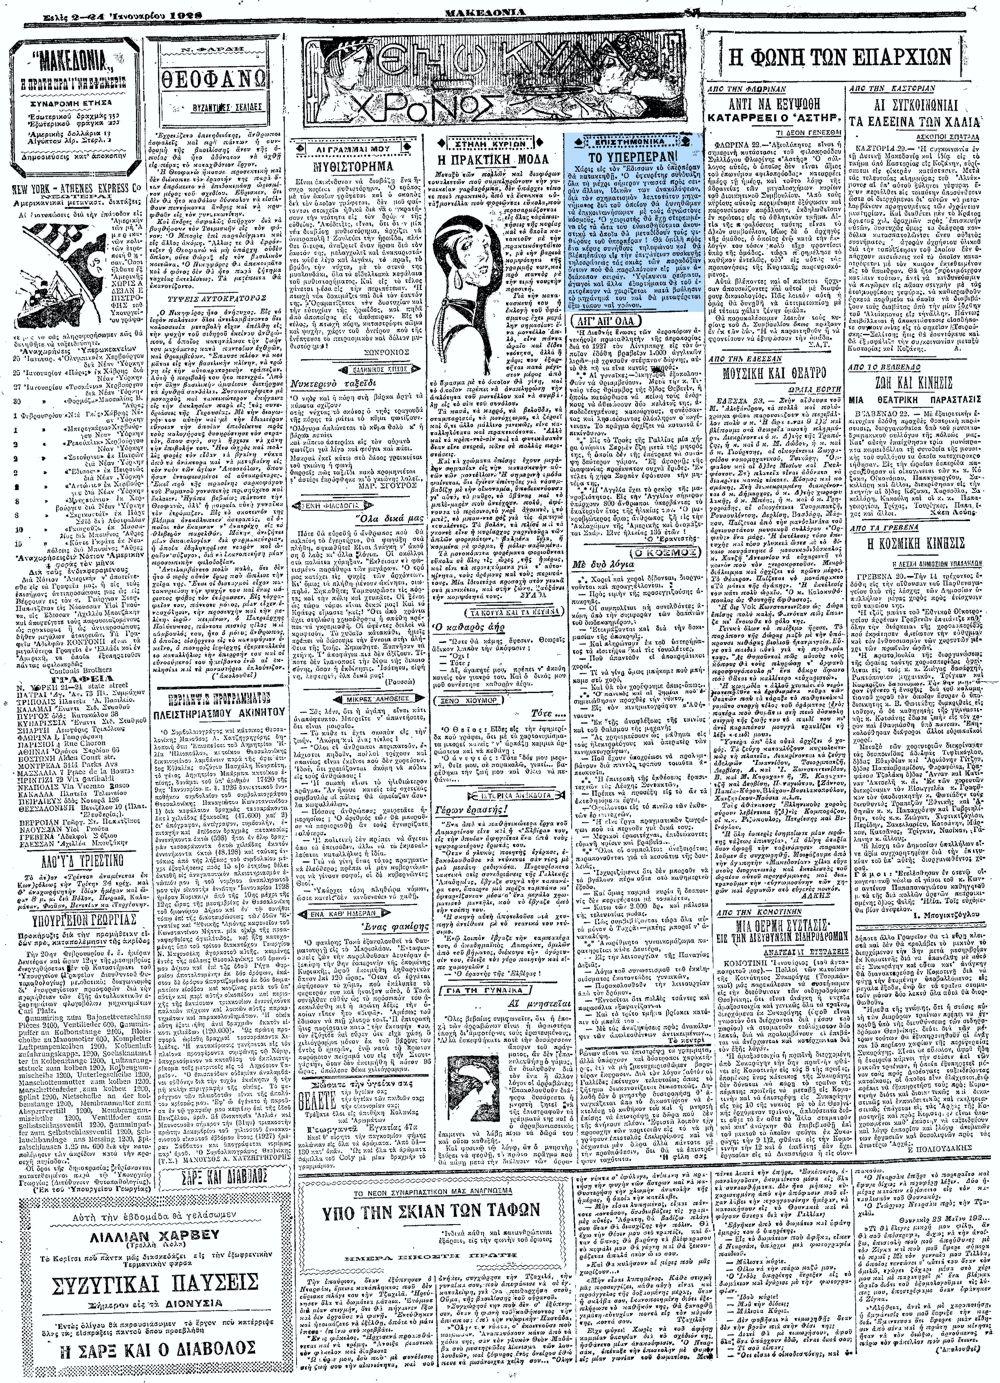 """Το άρθρο, όπως δημοσιεύθηκε στην εφημερίδα """"ΜΑΚΕΔΟΝΙΑ"""", στις 24/01/1928"""